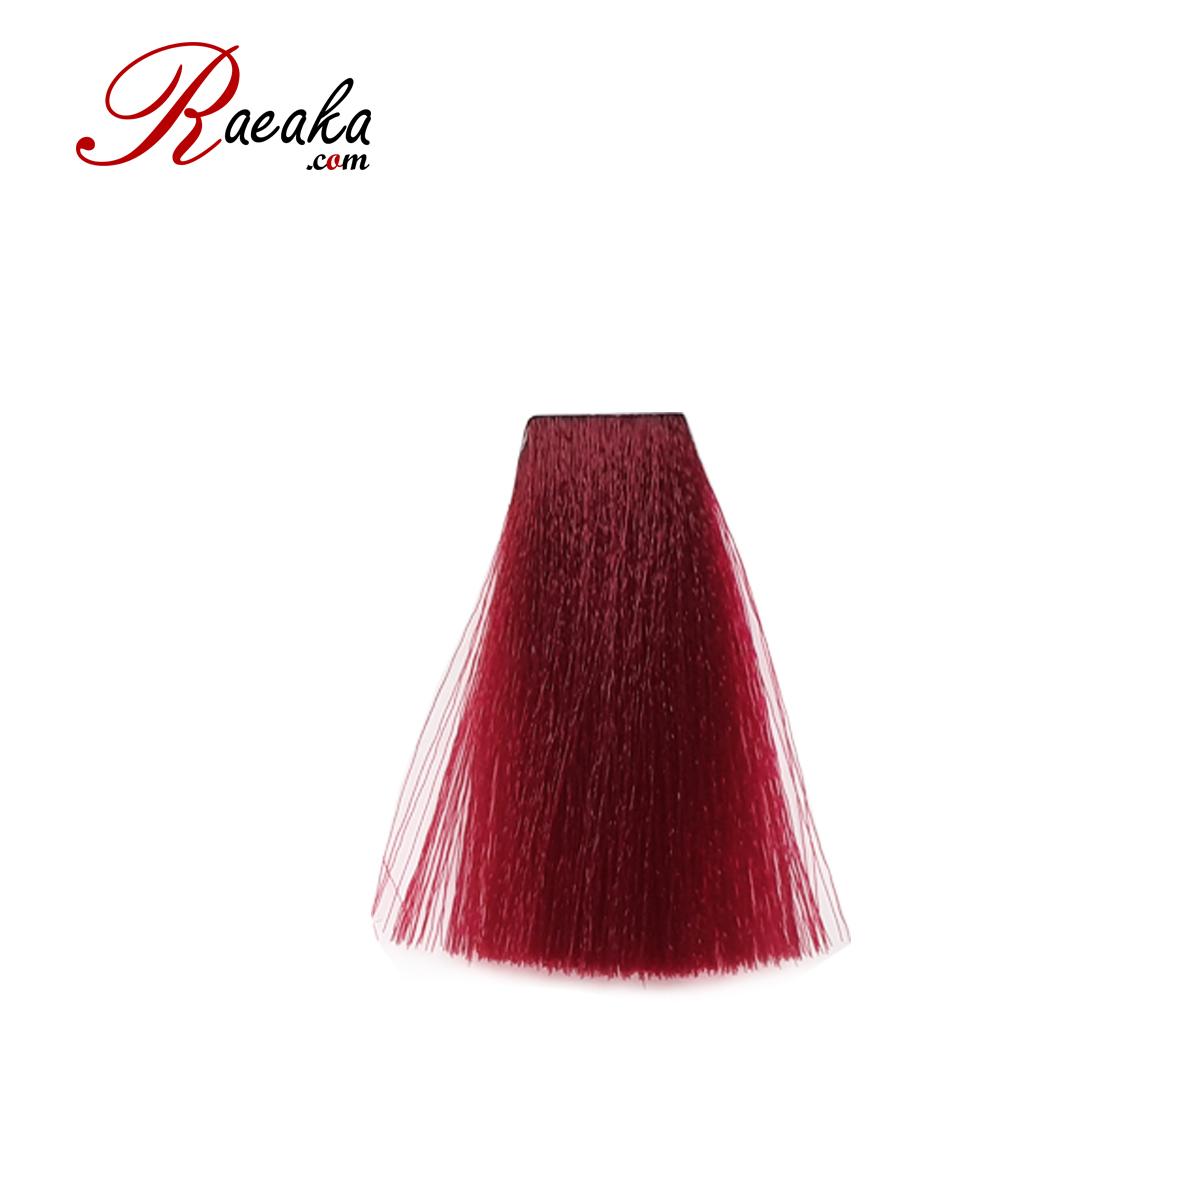 رنگ مو دوماسی سری قرمز قرمز آتشین ۶٫۶ حجم ۱۲۰ میلی لیتر